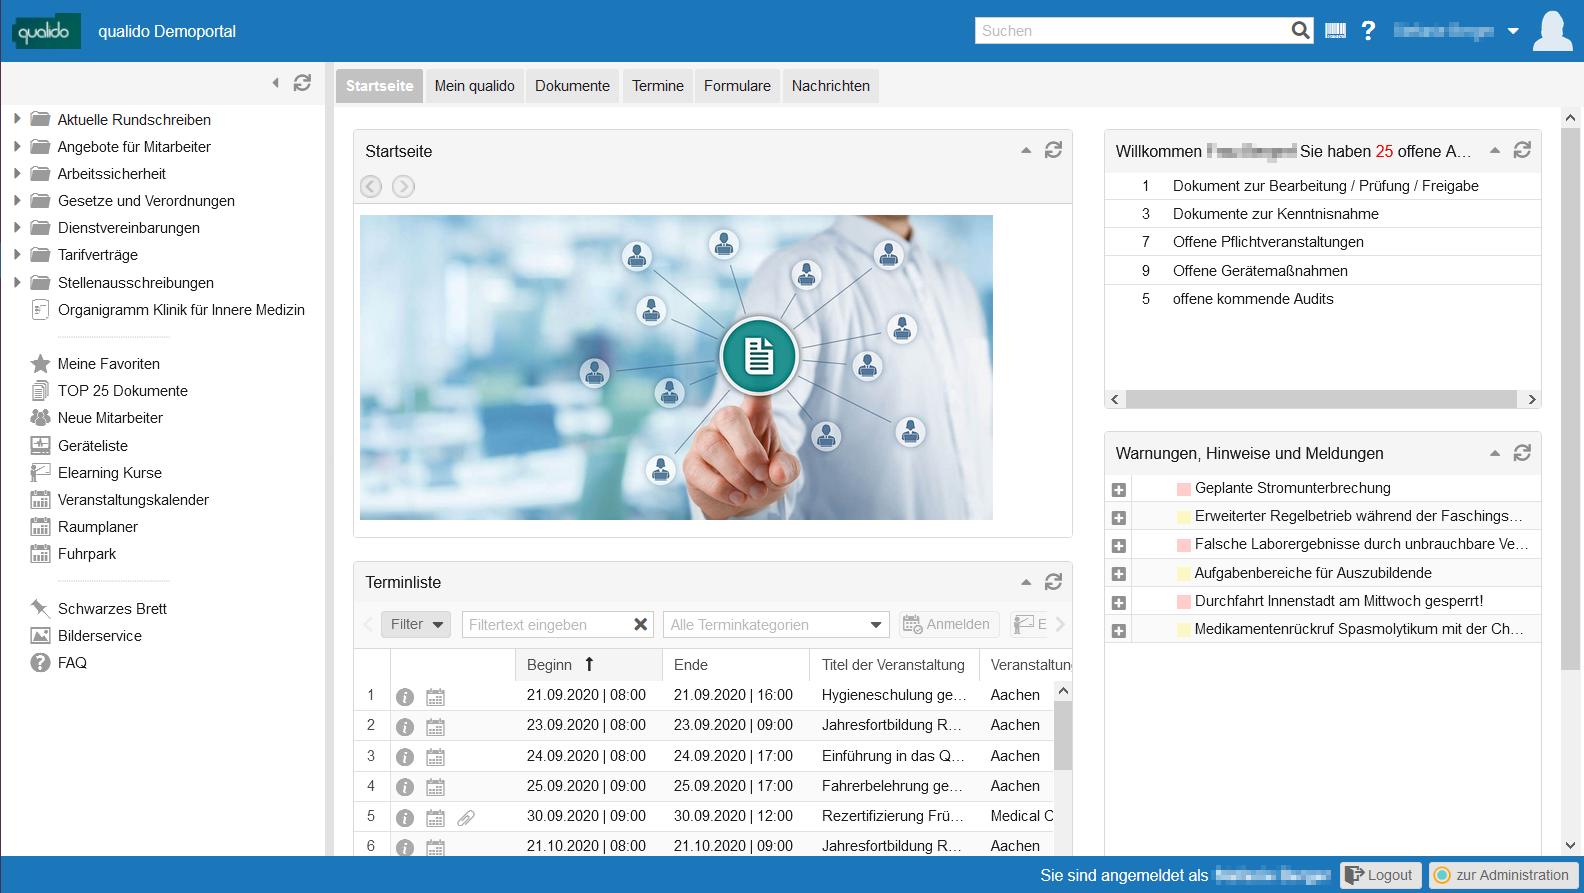 qualido manager 5.0 - Neues Design und modernerer Look